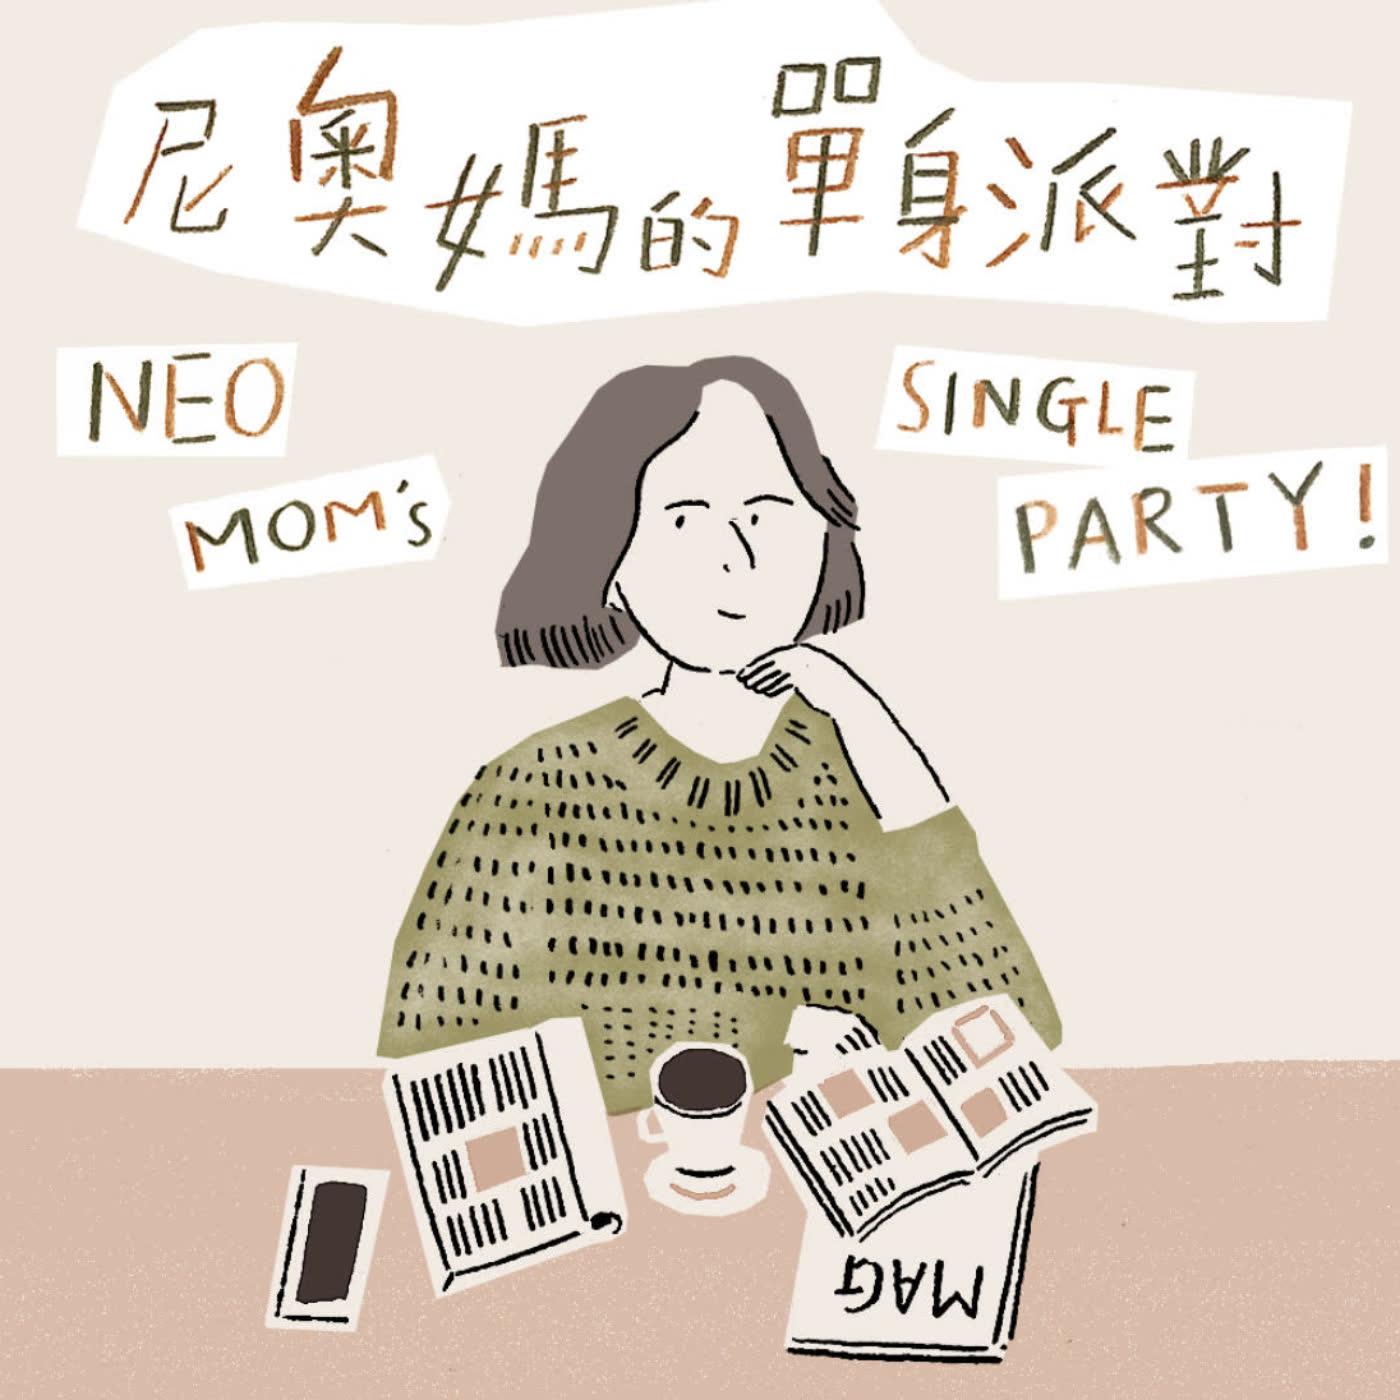 尼奧媽的單身派對